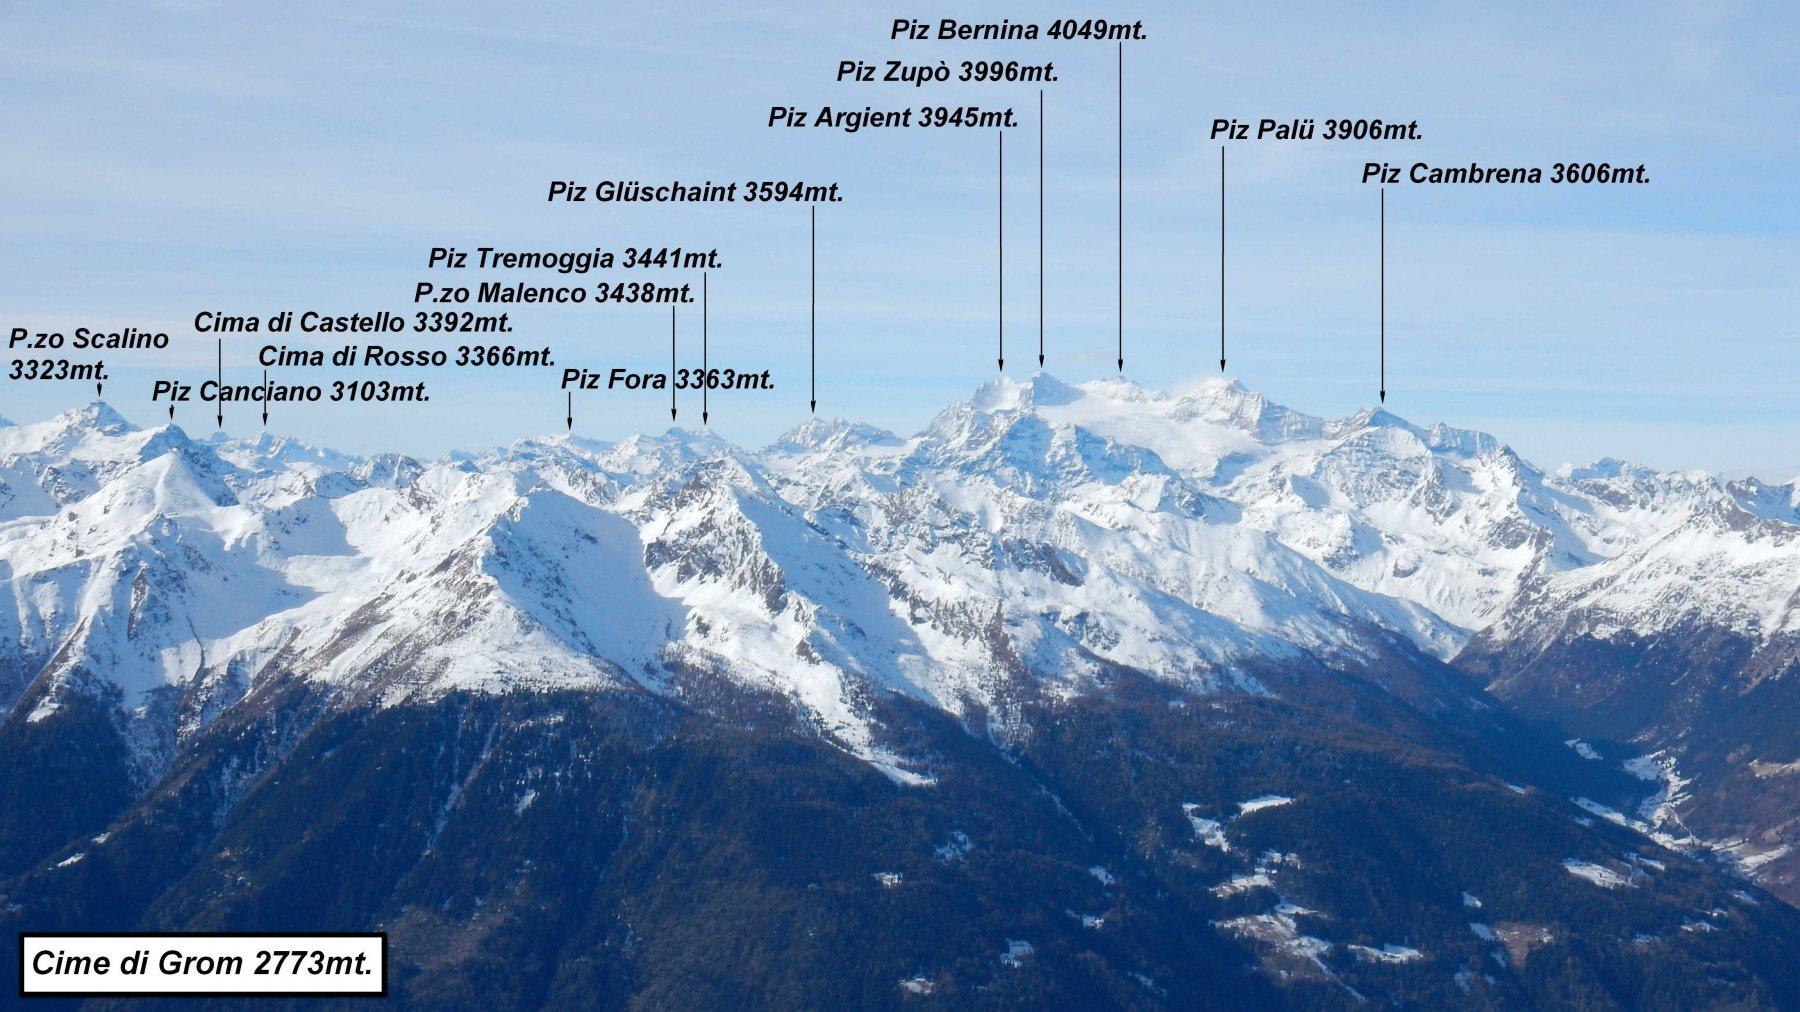 Panorama per me inedito, sul Gruppo Bernina.